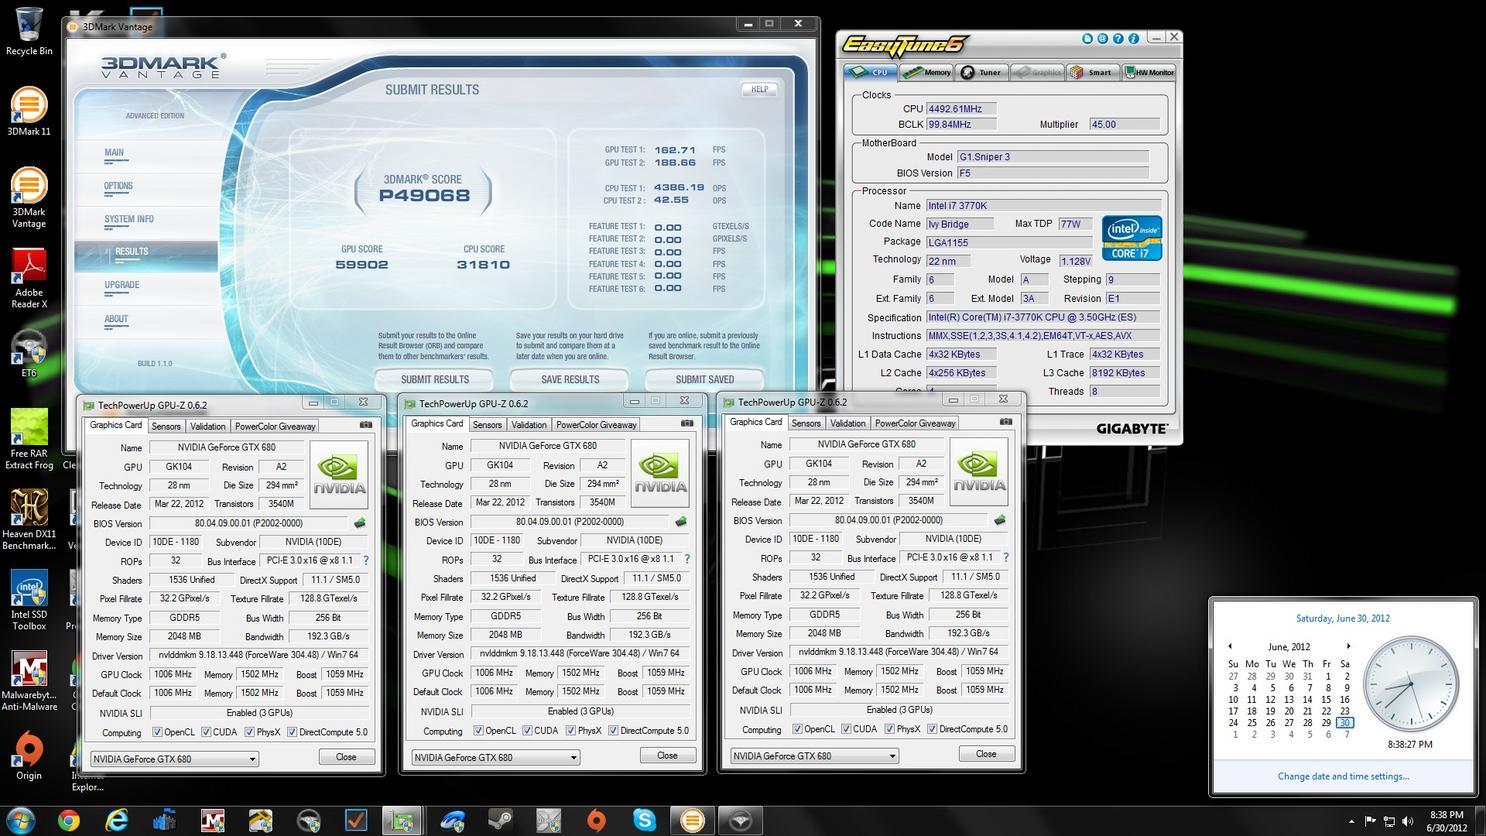 3Dmark Vantage P49068 GPU59902.jpg